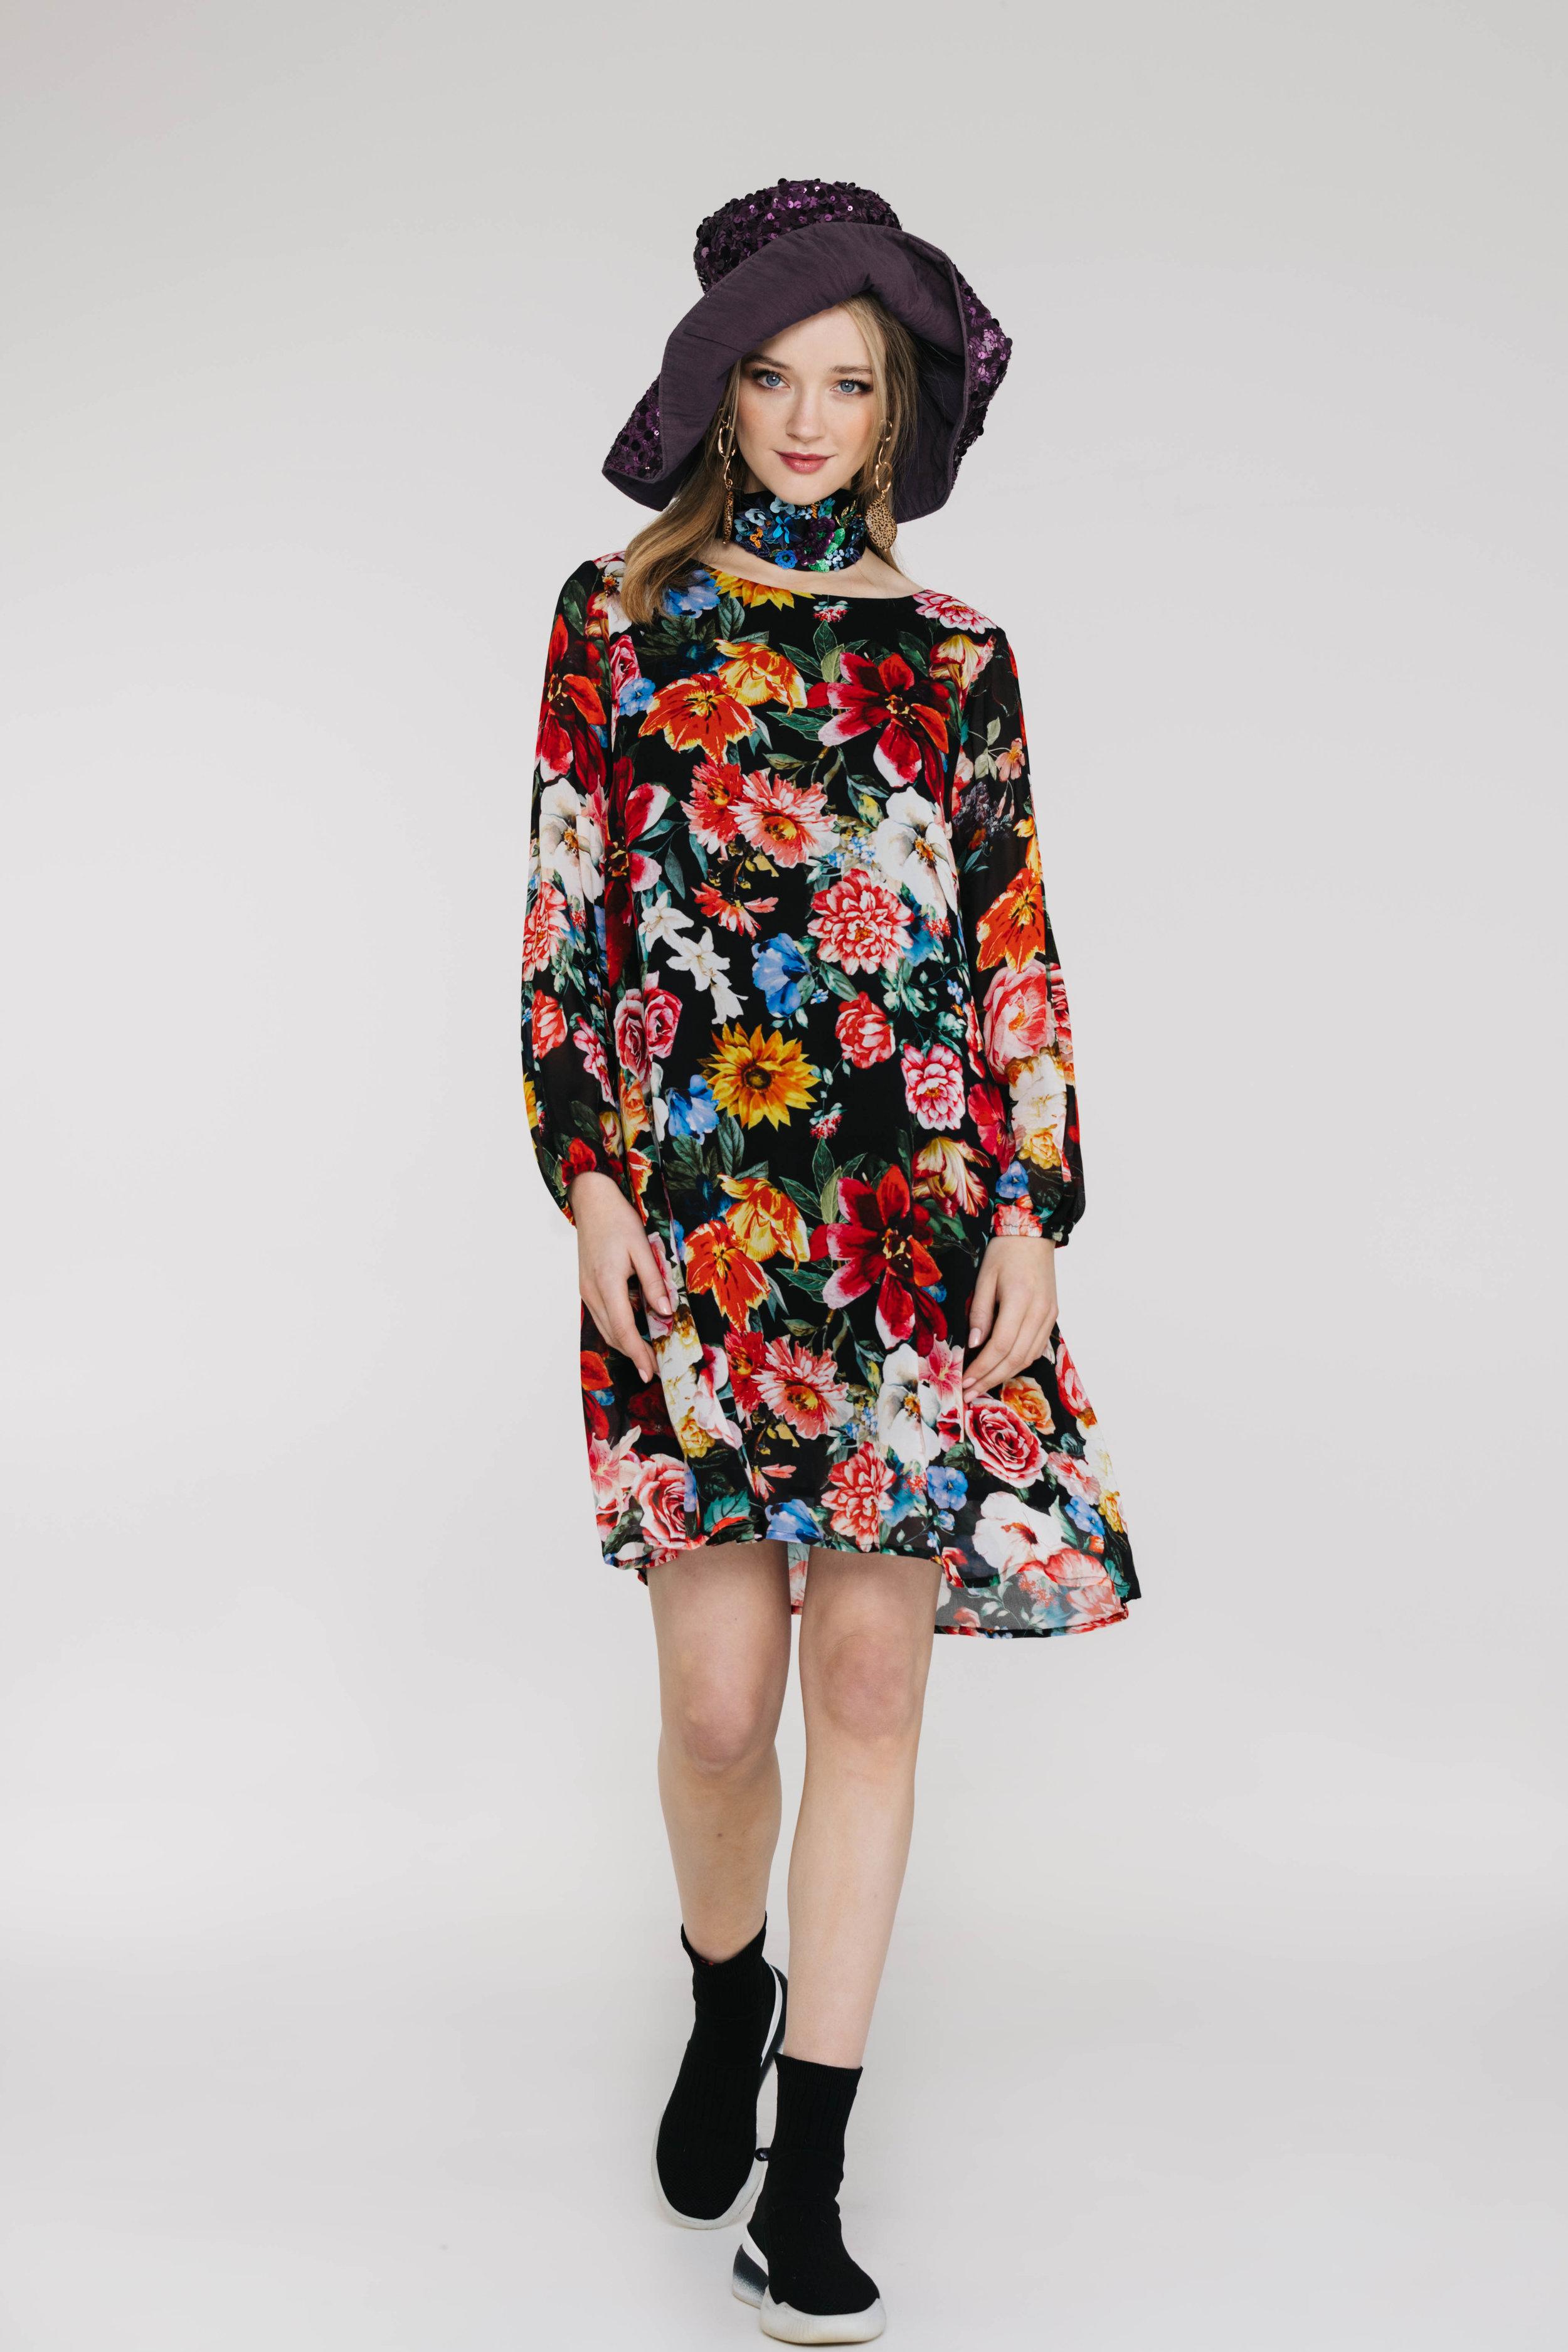 Shilo Dress 5906N Juliet